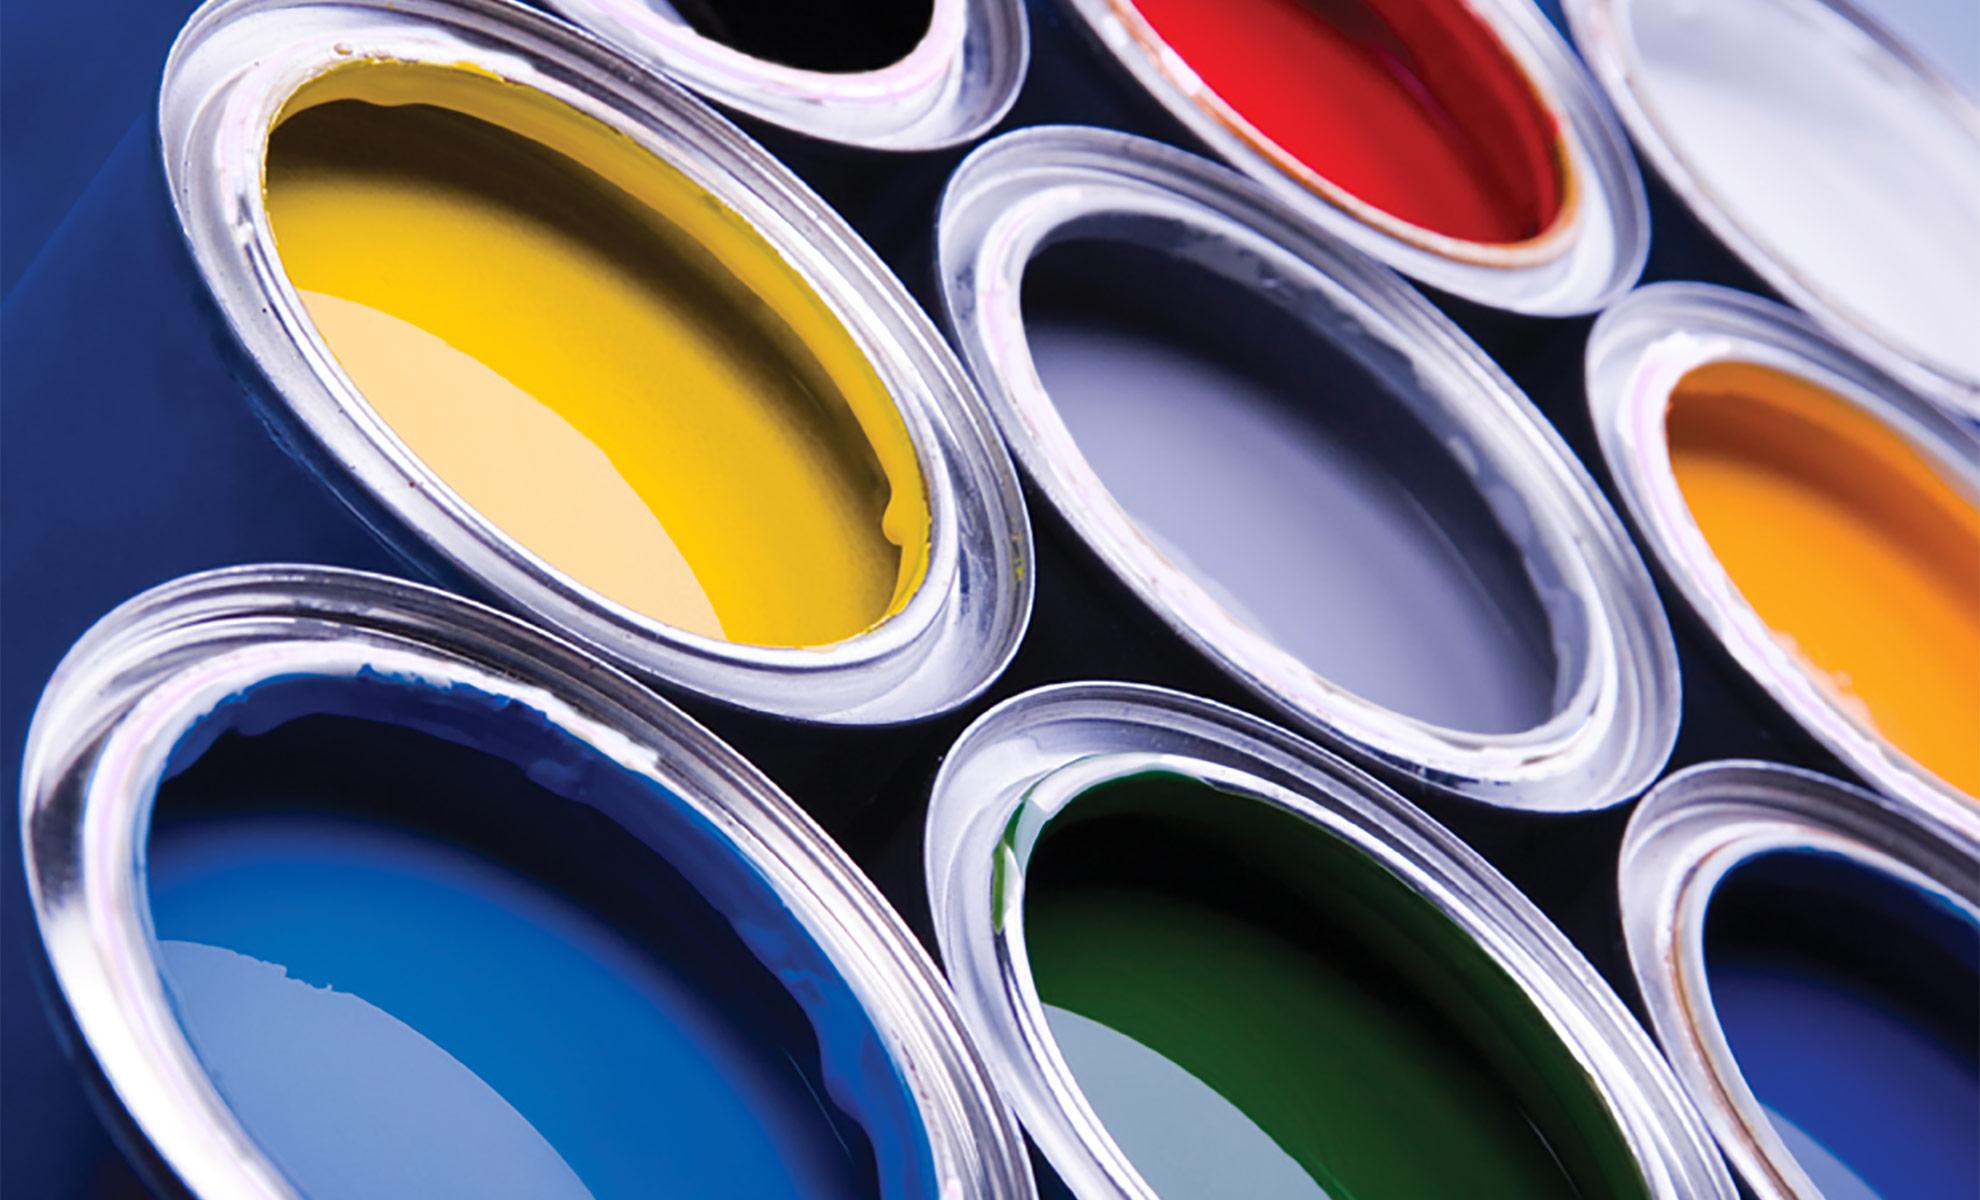 2018中國(上海)國際塗料博覽會暨第十九屆中國國際塗料展覽會